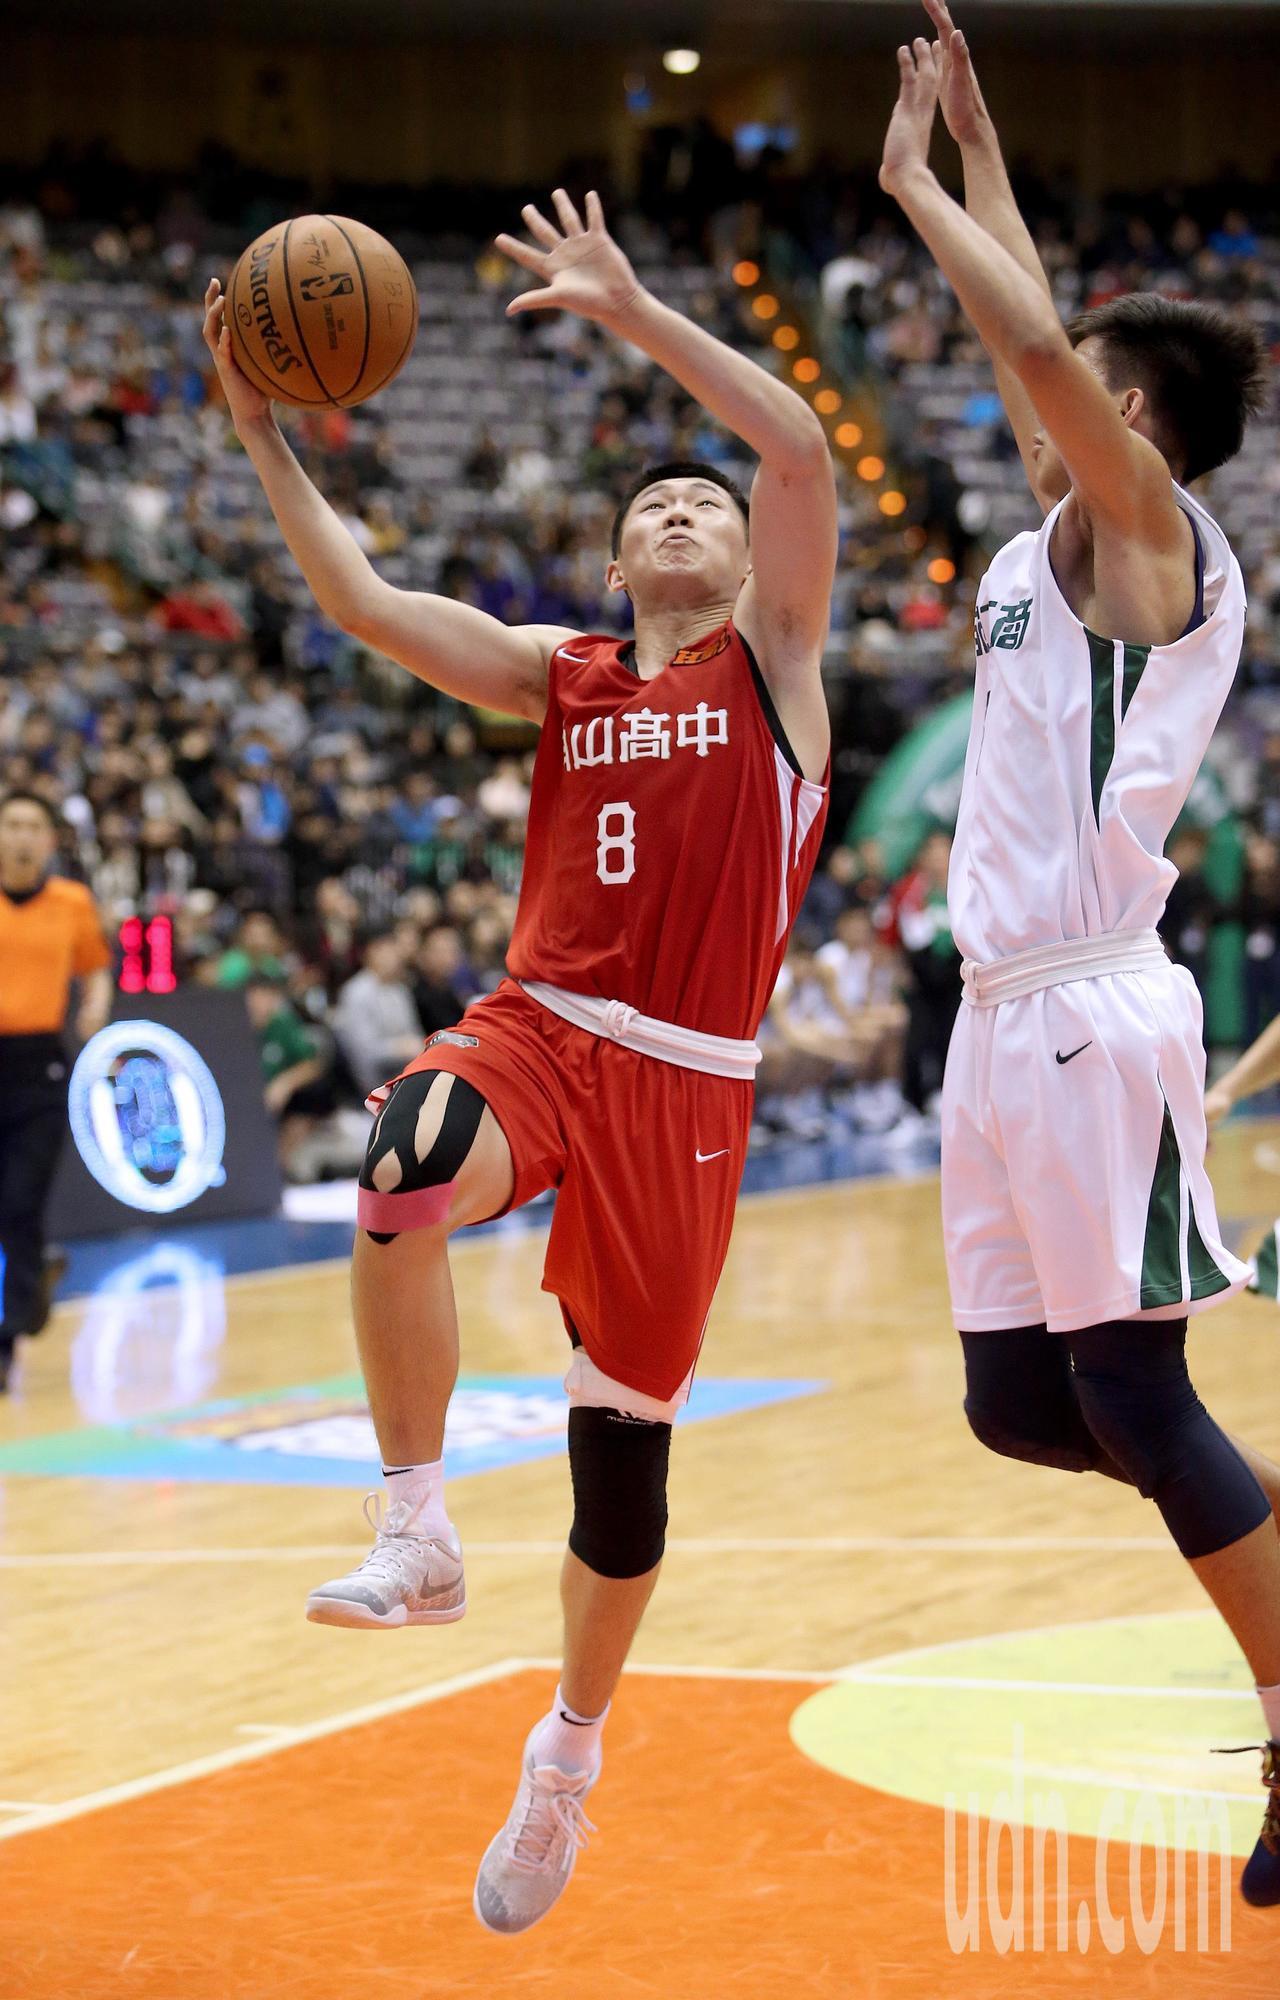 南山高中李沛澄(左)閃過防守上籃得分。記者余承翰/攝影